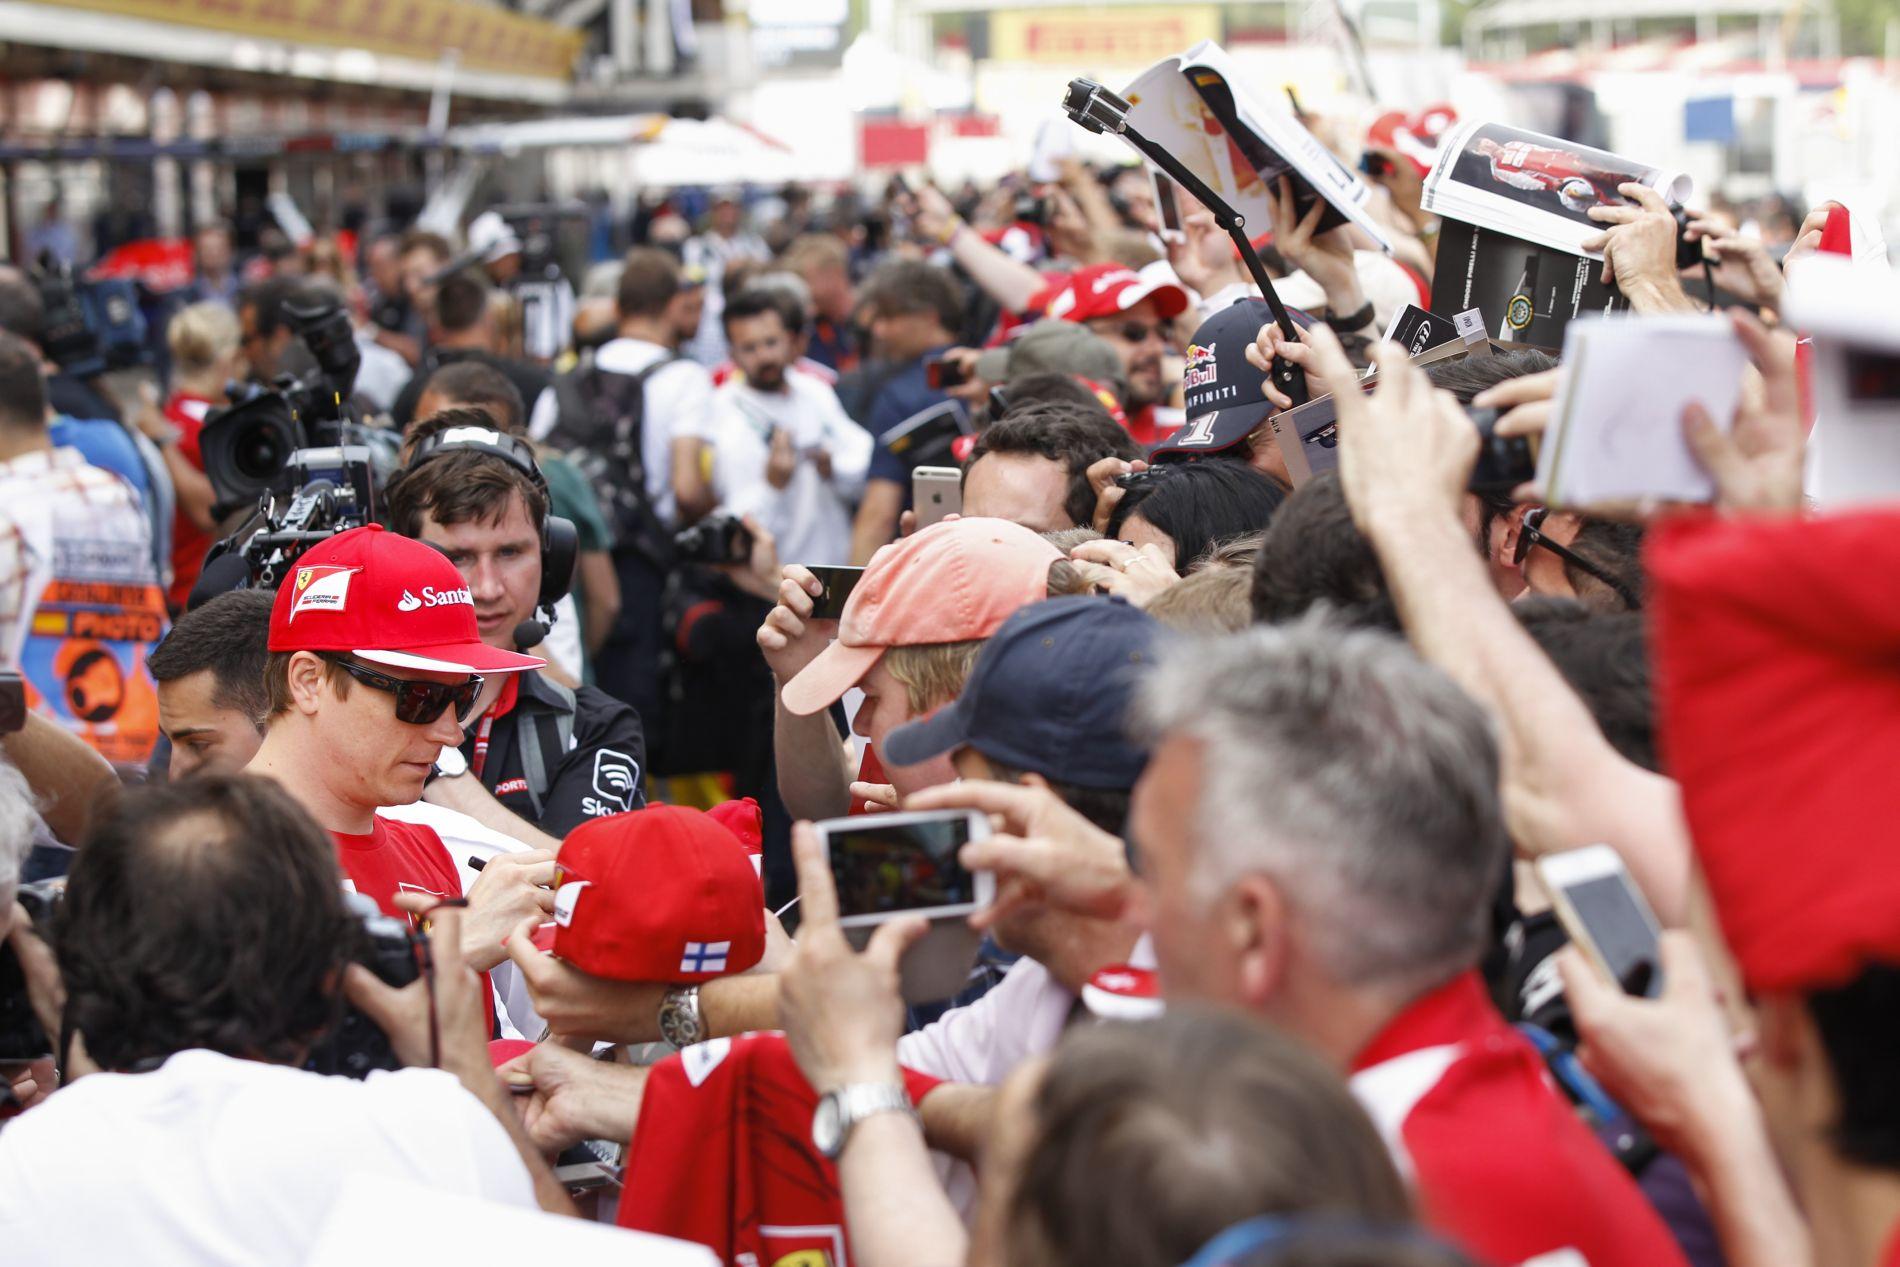 Itt a GPDA-felmérés végeredménye! Raikkonen és a Ferrari a legnépszerűbbek